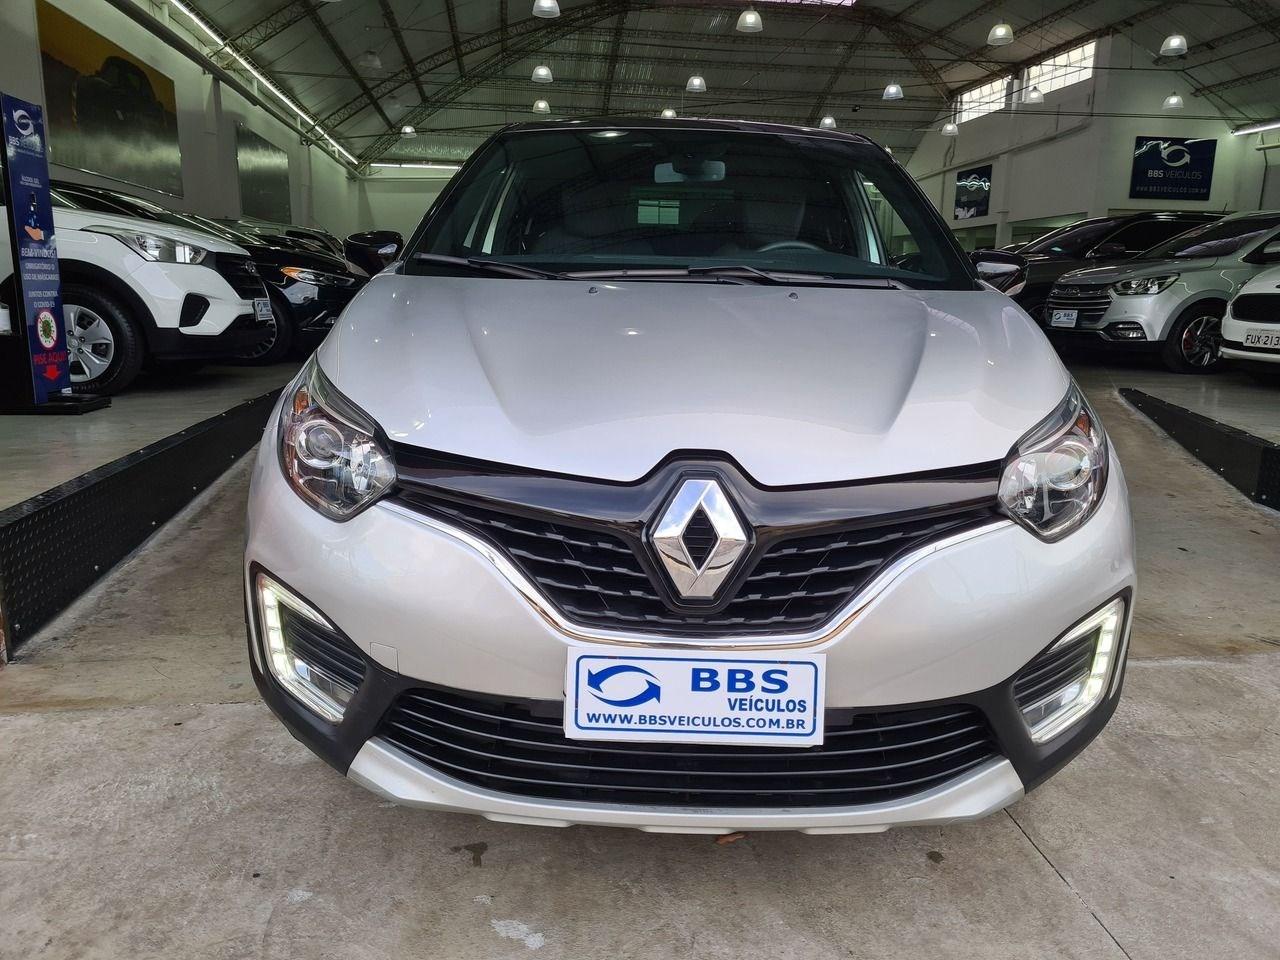 //www.autoline.com.br/carro/renault/captur-16-intense-16v-flex-4p-automatico/2020/sao-paulo-sp/13303981